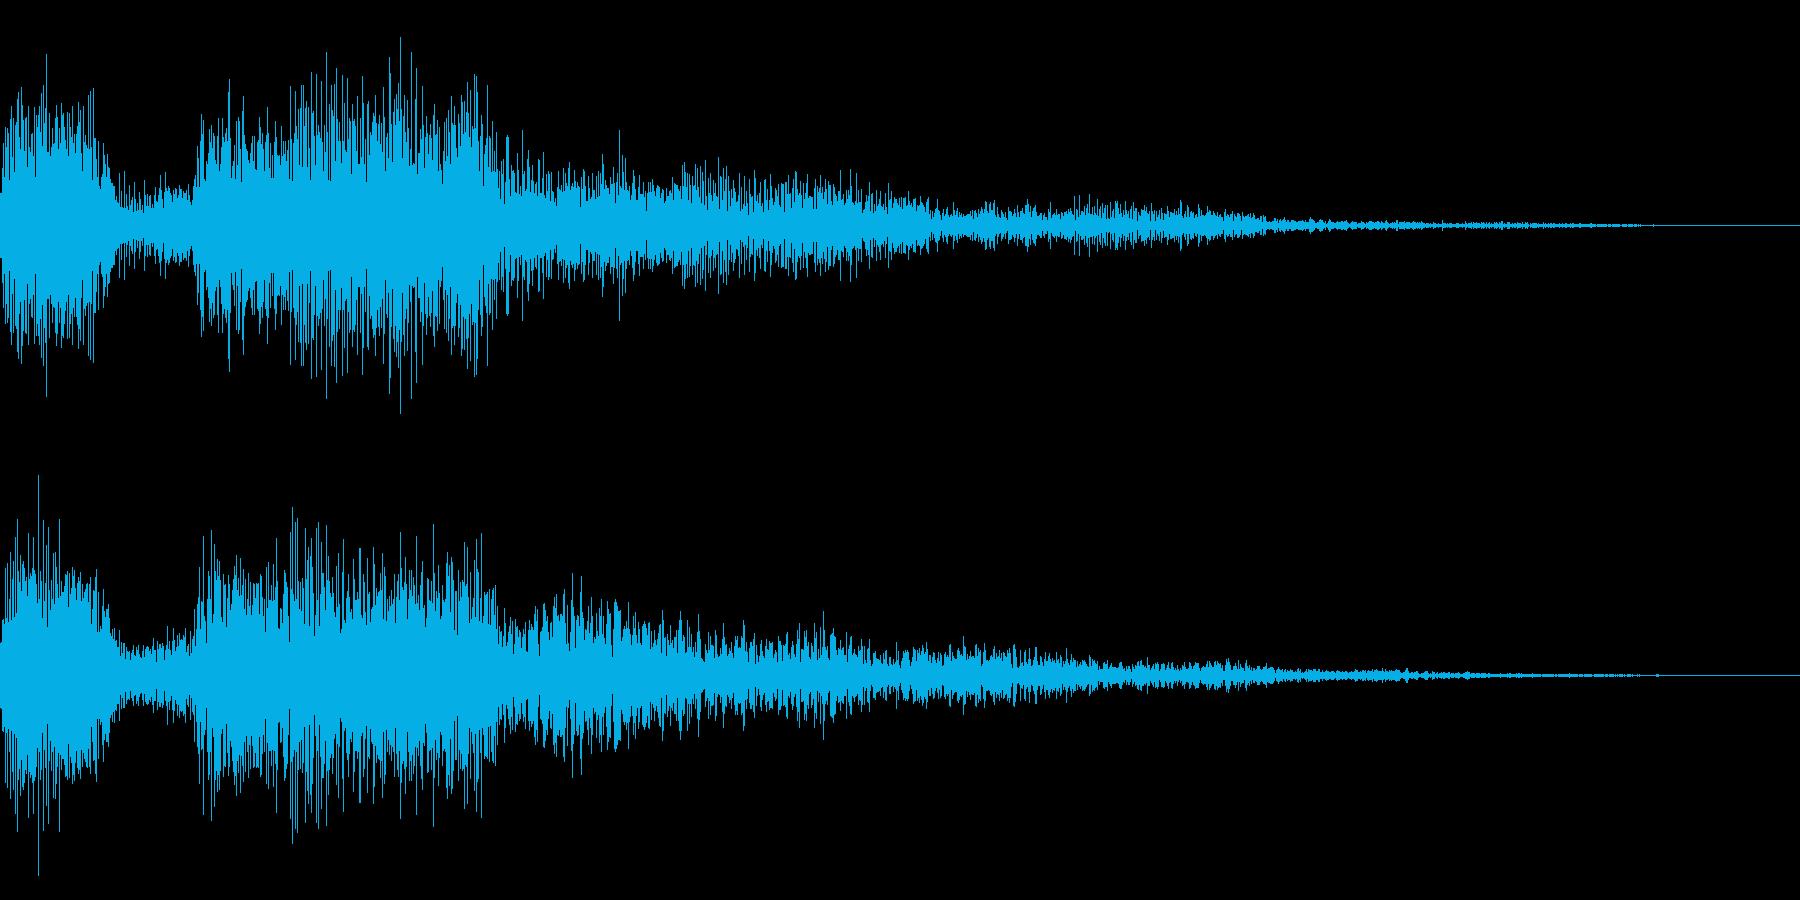 ゲームオーバー音 ミス音 失敗 残念の再生済みの波形